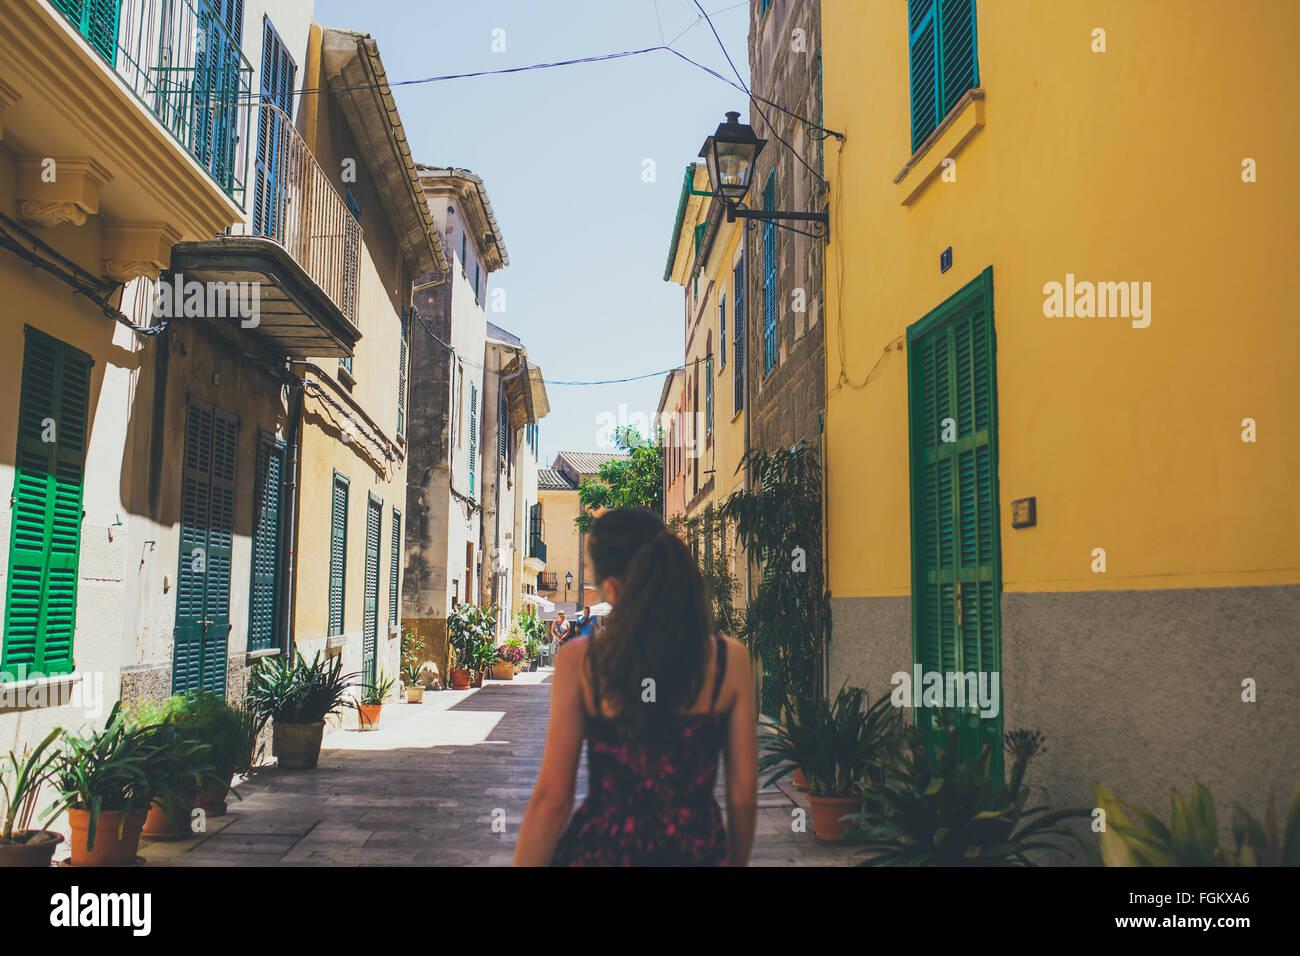 Vista posterior del joven caminando por las calles españolas Imagen De Stock